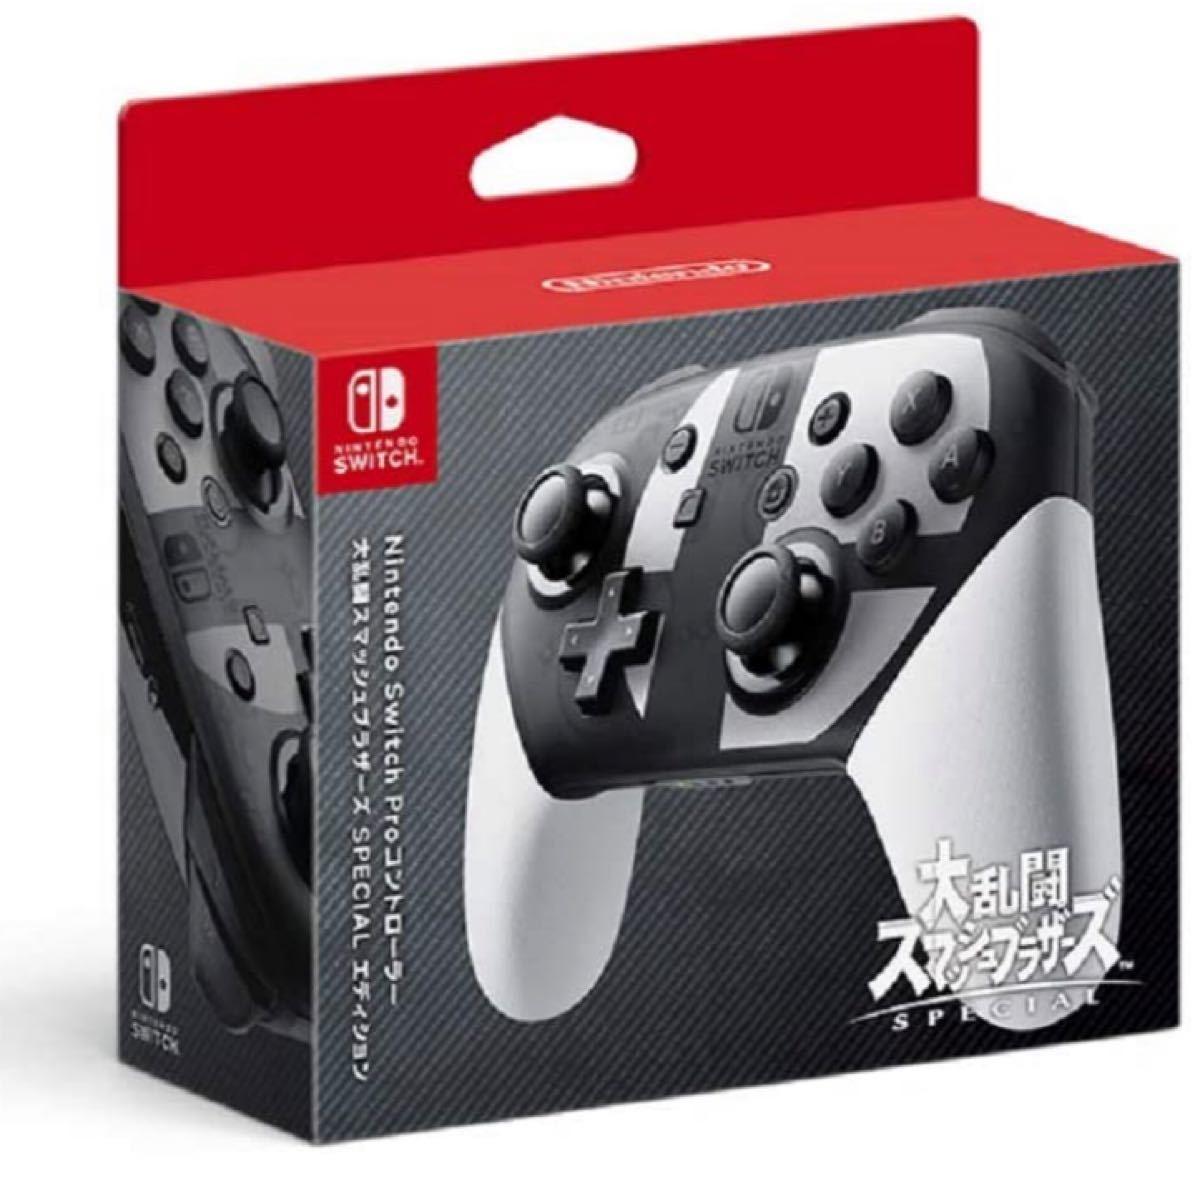 Proコントローラー Nintendo Switch 大乱闘スマッシュブラザーズ 中古